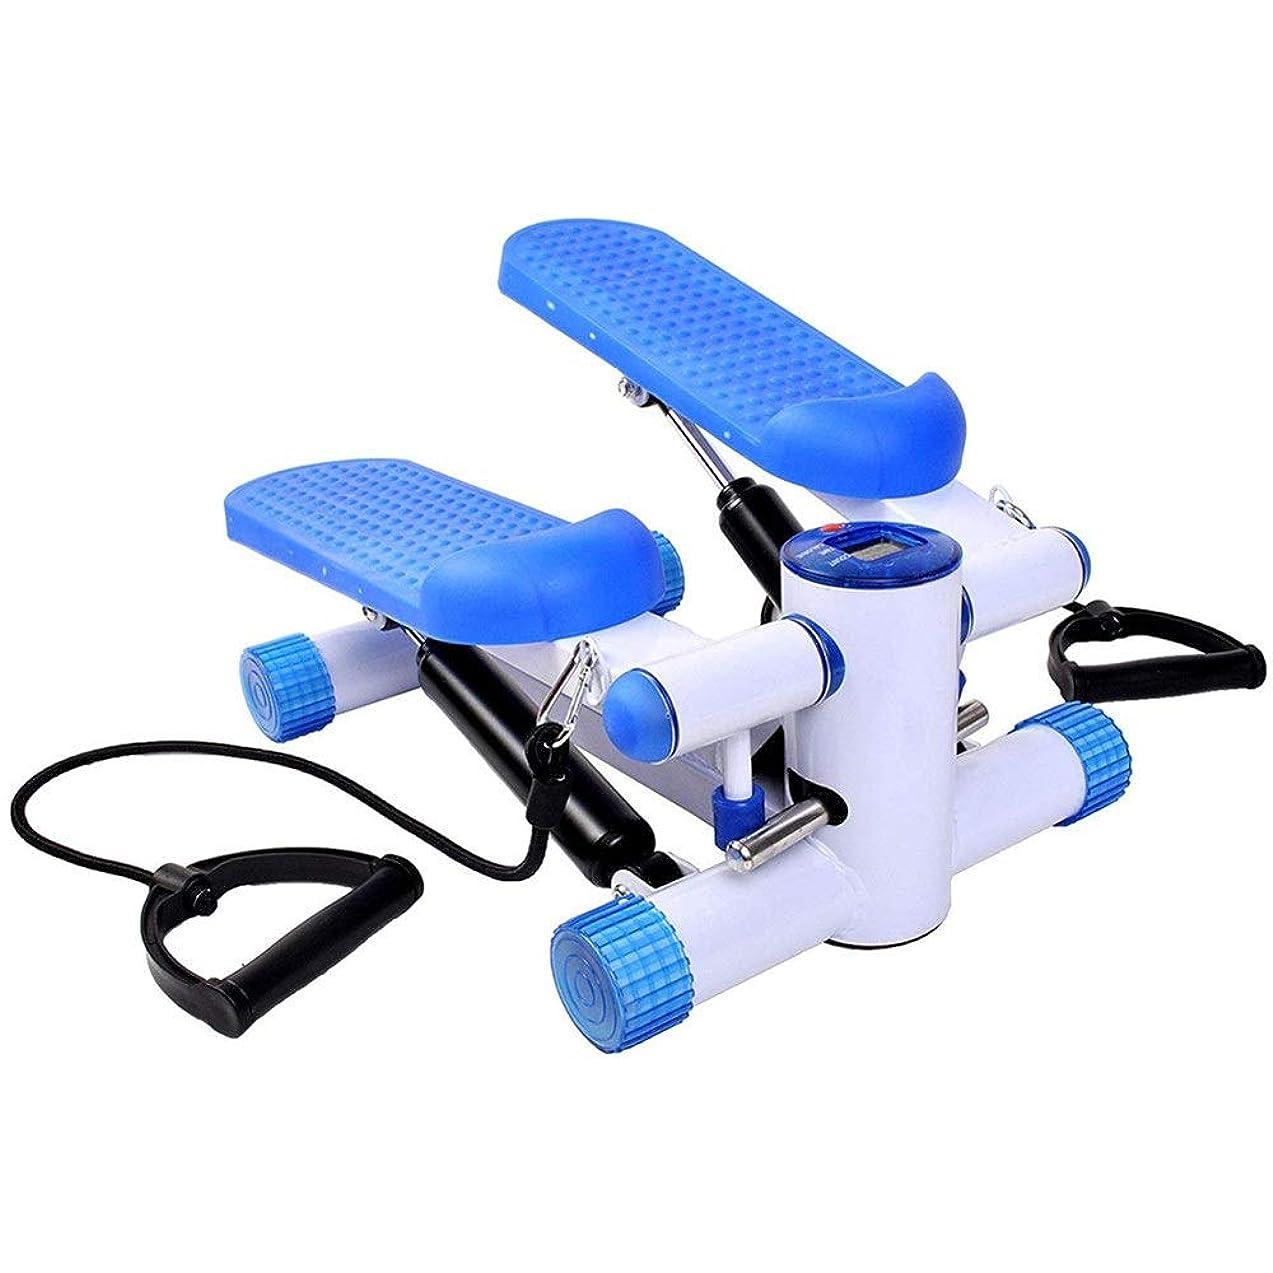 頂点幹銅ステッパー 家庭用フィットネス機器有酸素運動ホームミニ減量フットマッサージ、小型ステッピングスイングマシンロープフィットネストレーニングW/トレーニングコードアーム脚。 (色 : 青, サイズ : Free size)